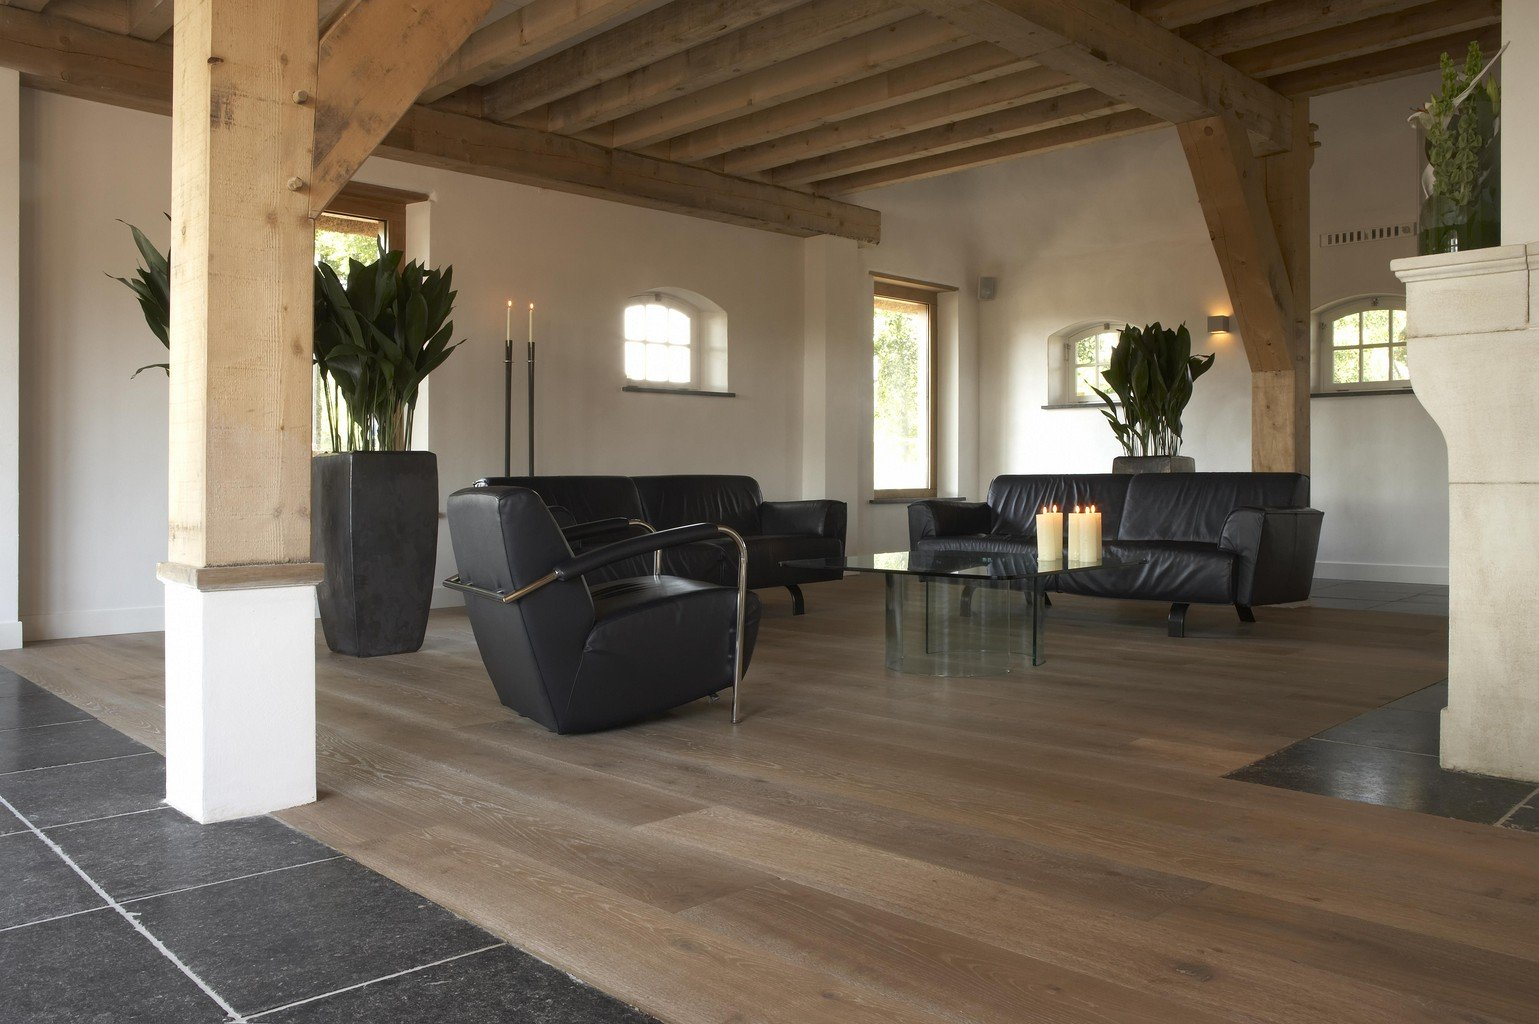 luxury wood flooring in lounge